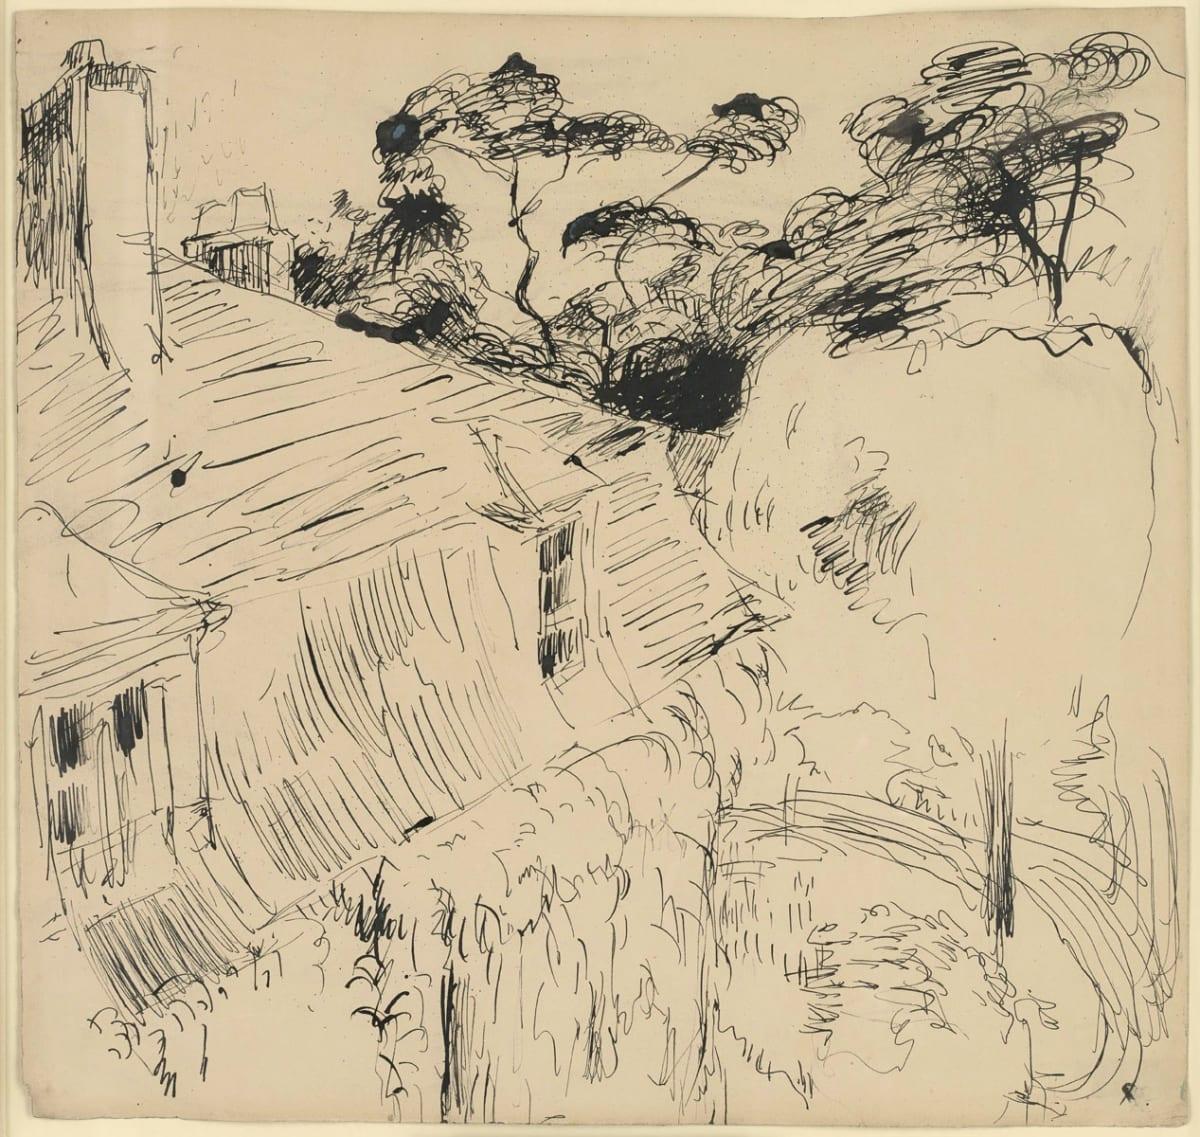 André Derain Une maison à Chatou, c. 1900 Pen and ink 35.5 x 37.5 cm 14 x 14¾ inches